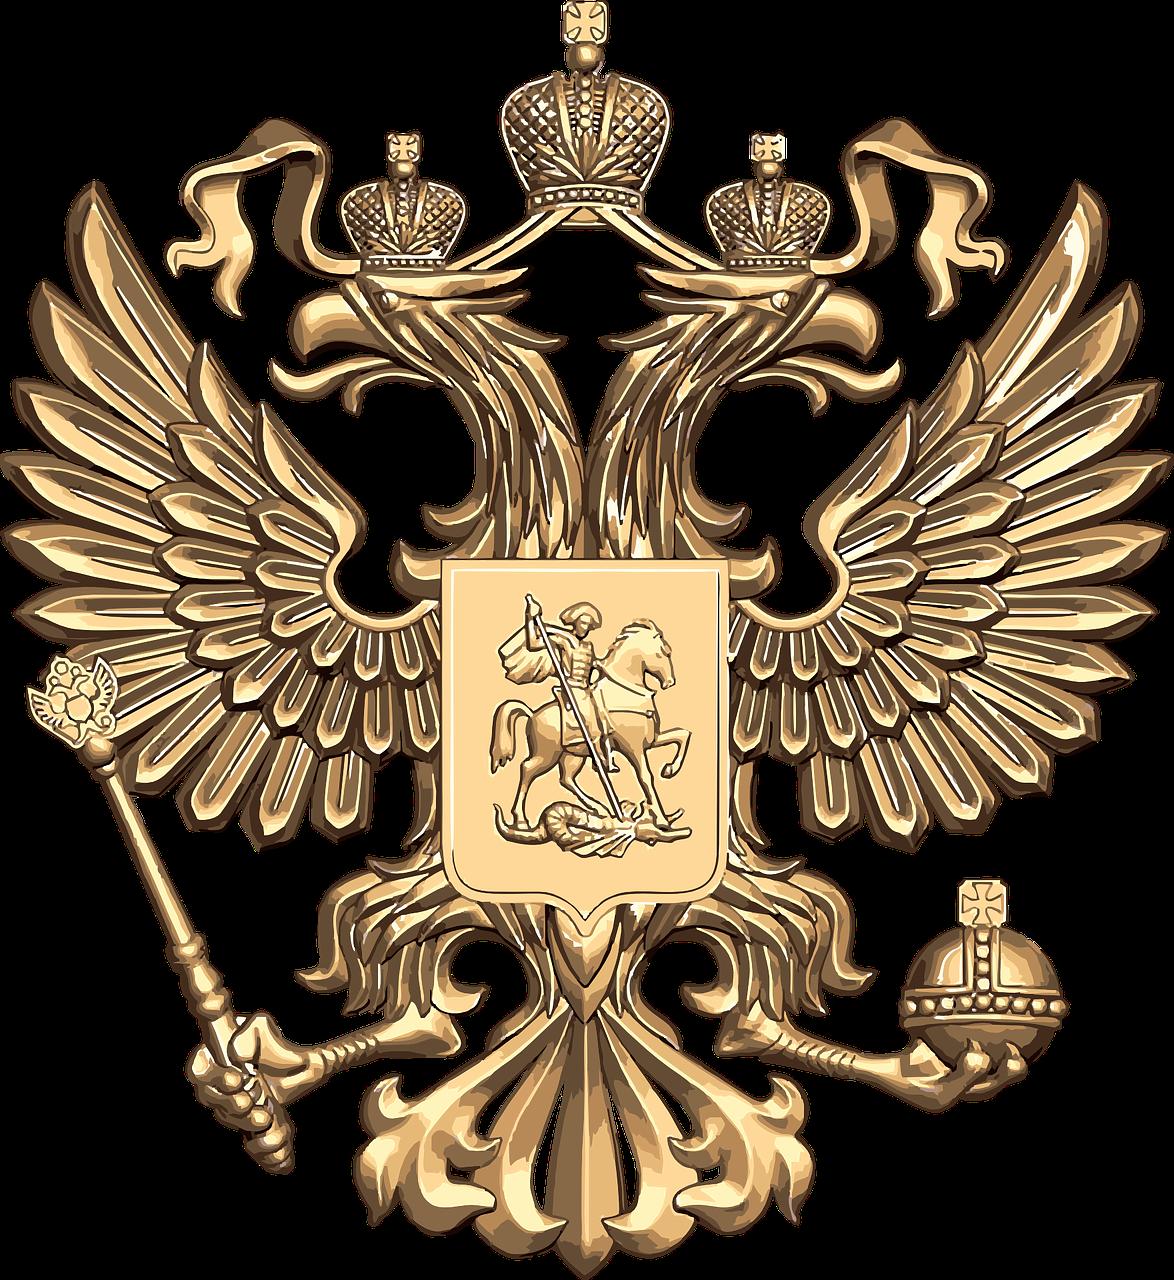 герб двуглавый орел картинка мужественных сильных